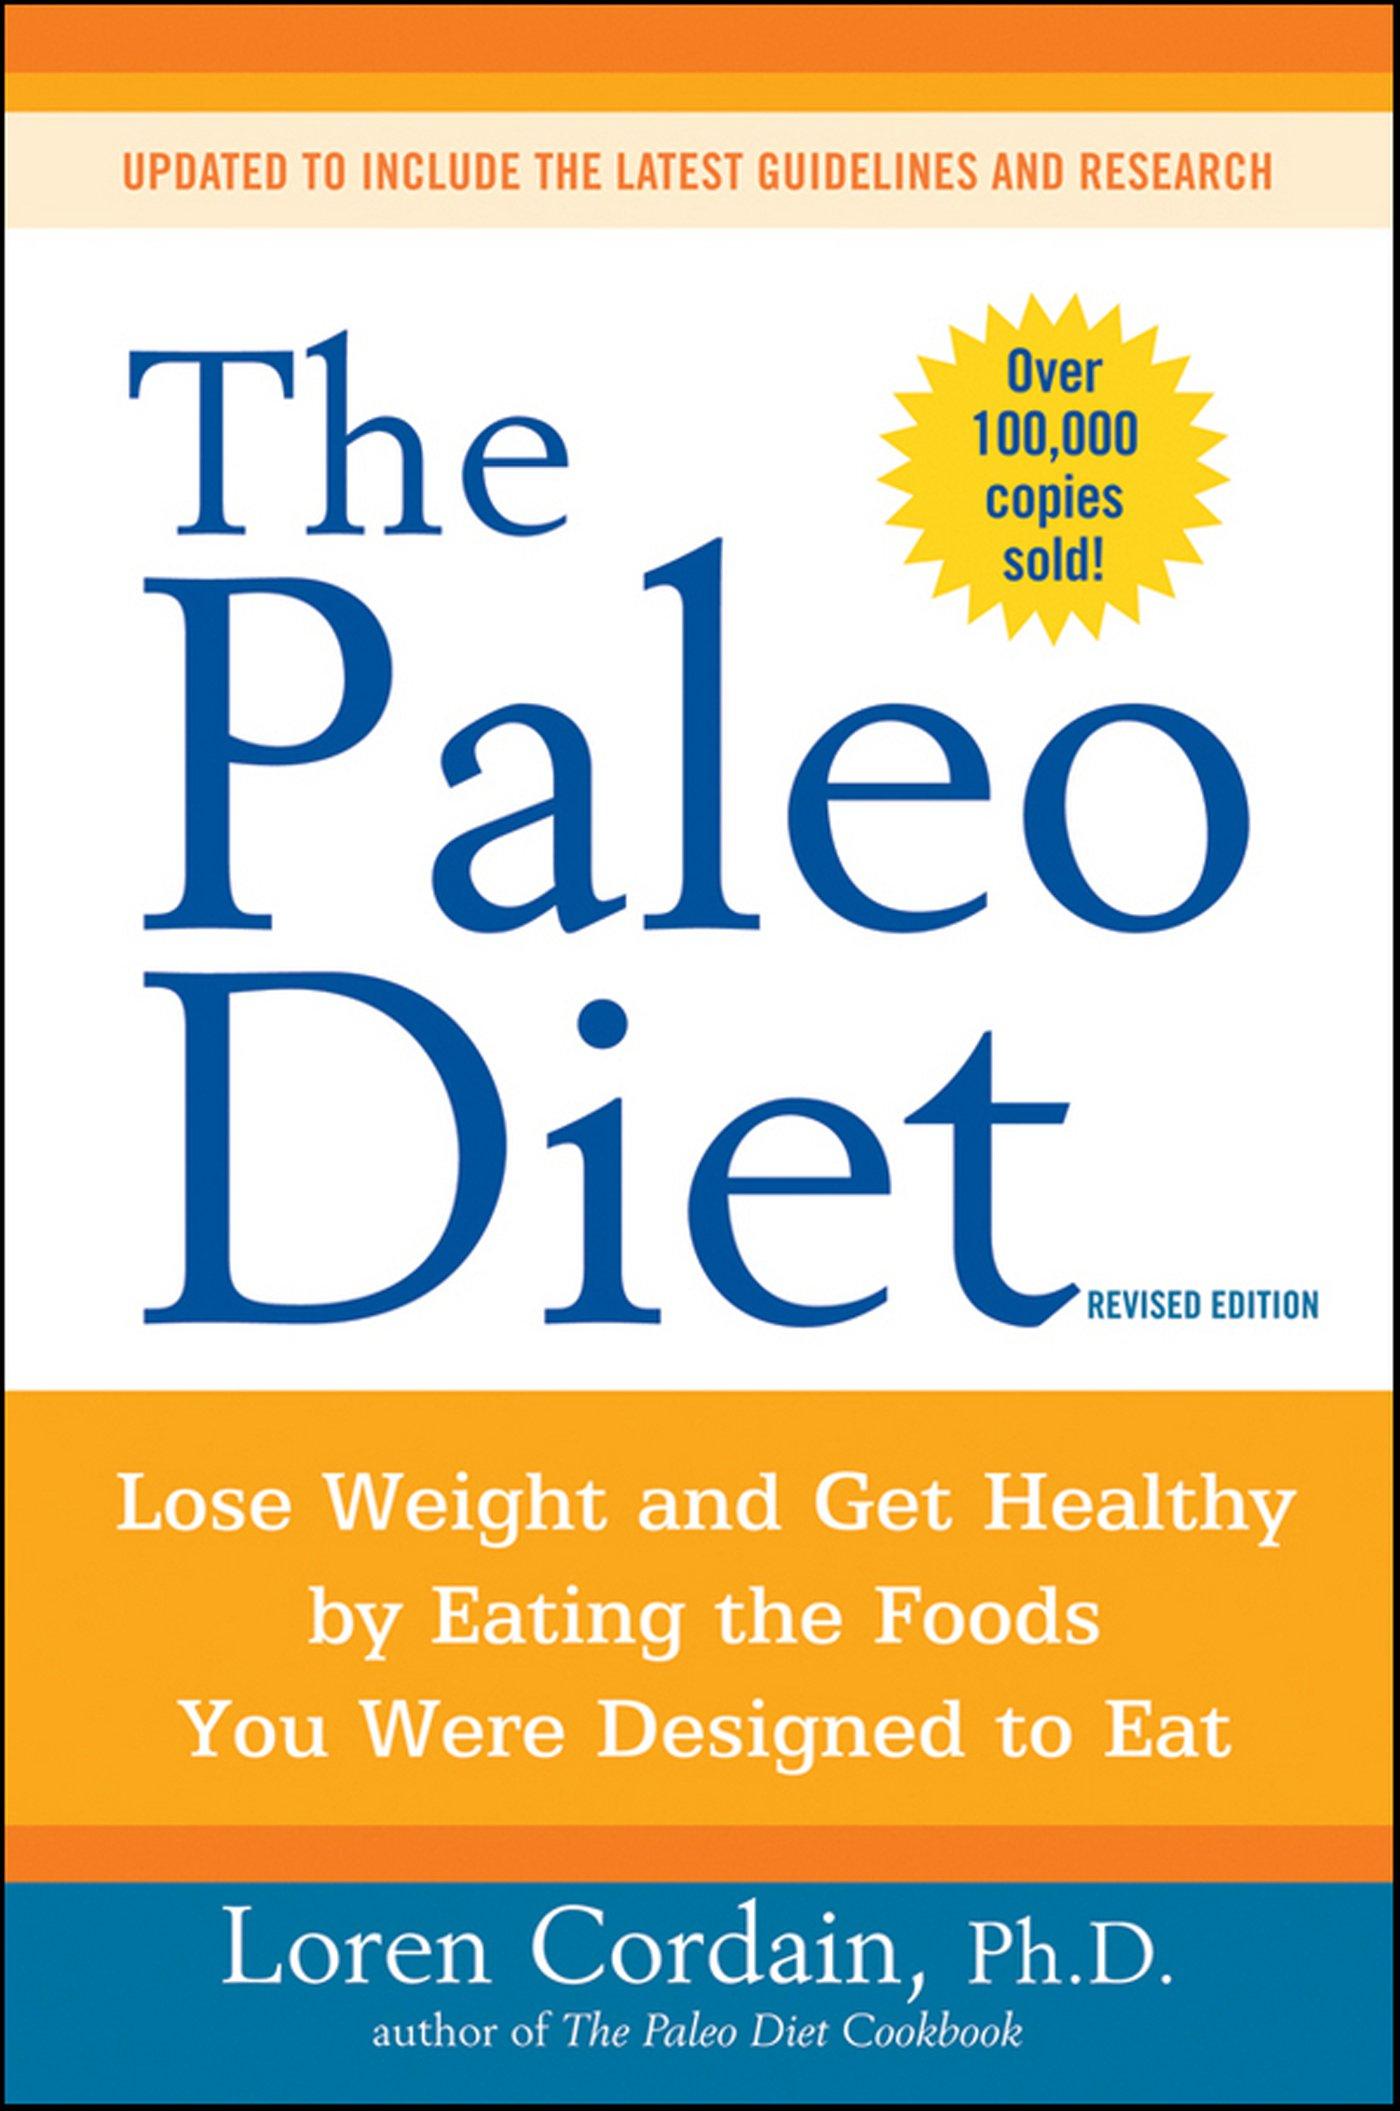 6 consejos para el éxito de la pérdida de peso con una dieta de Paleo